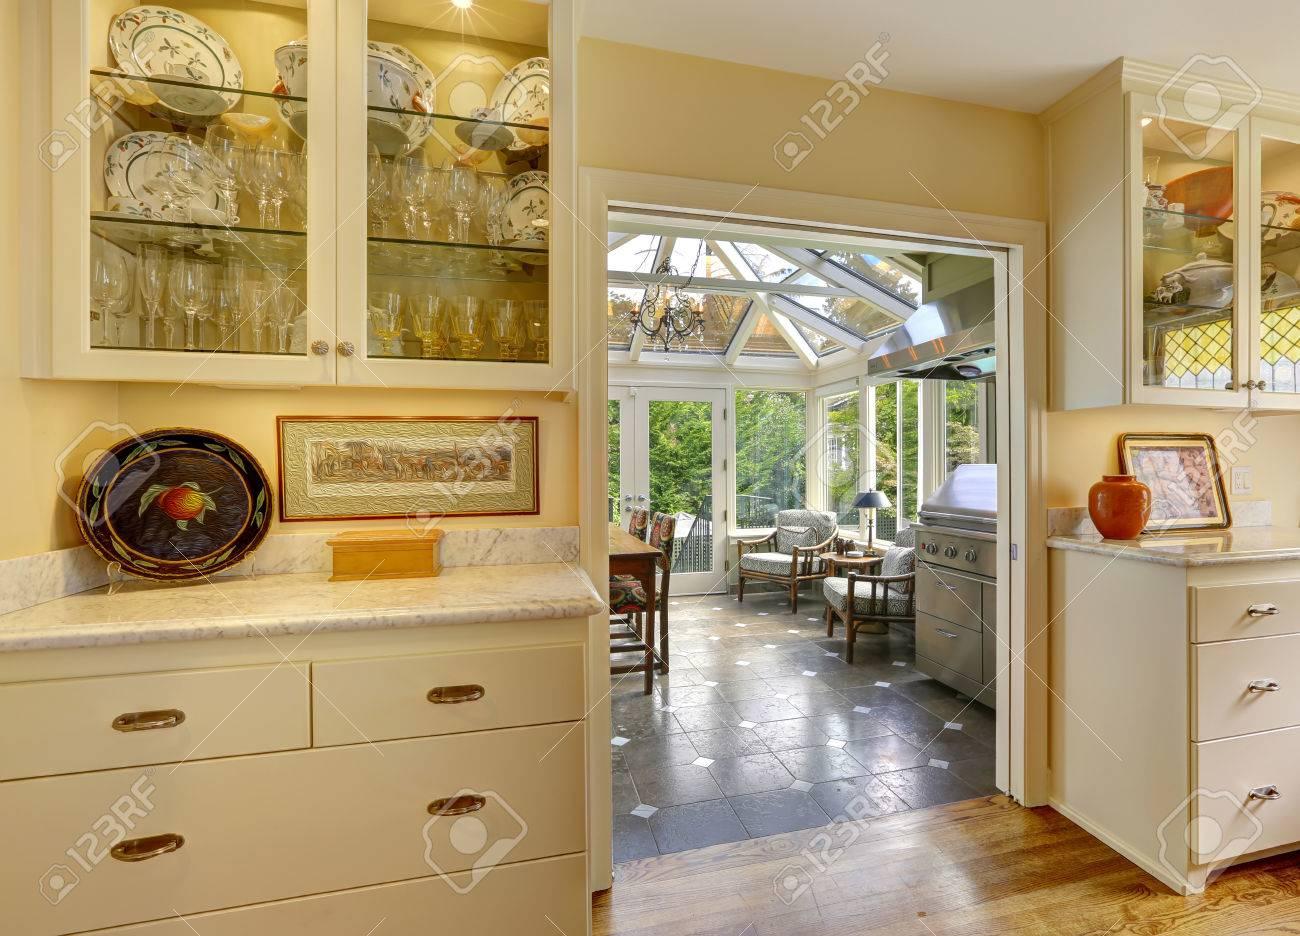 Küche Zimmer Mit Ausgang Zum Bereich Im Wintergarten Terrasse ...